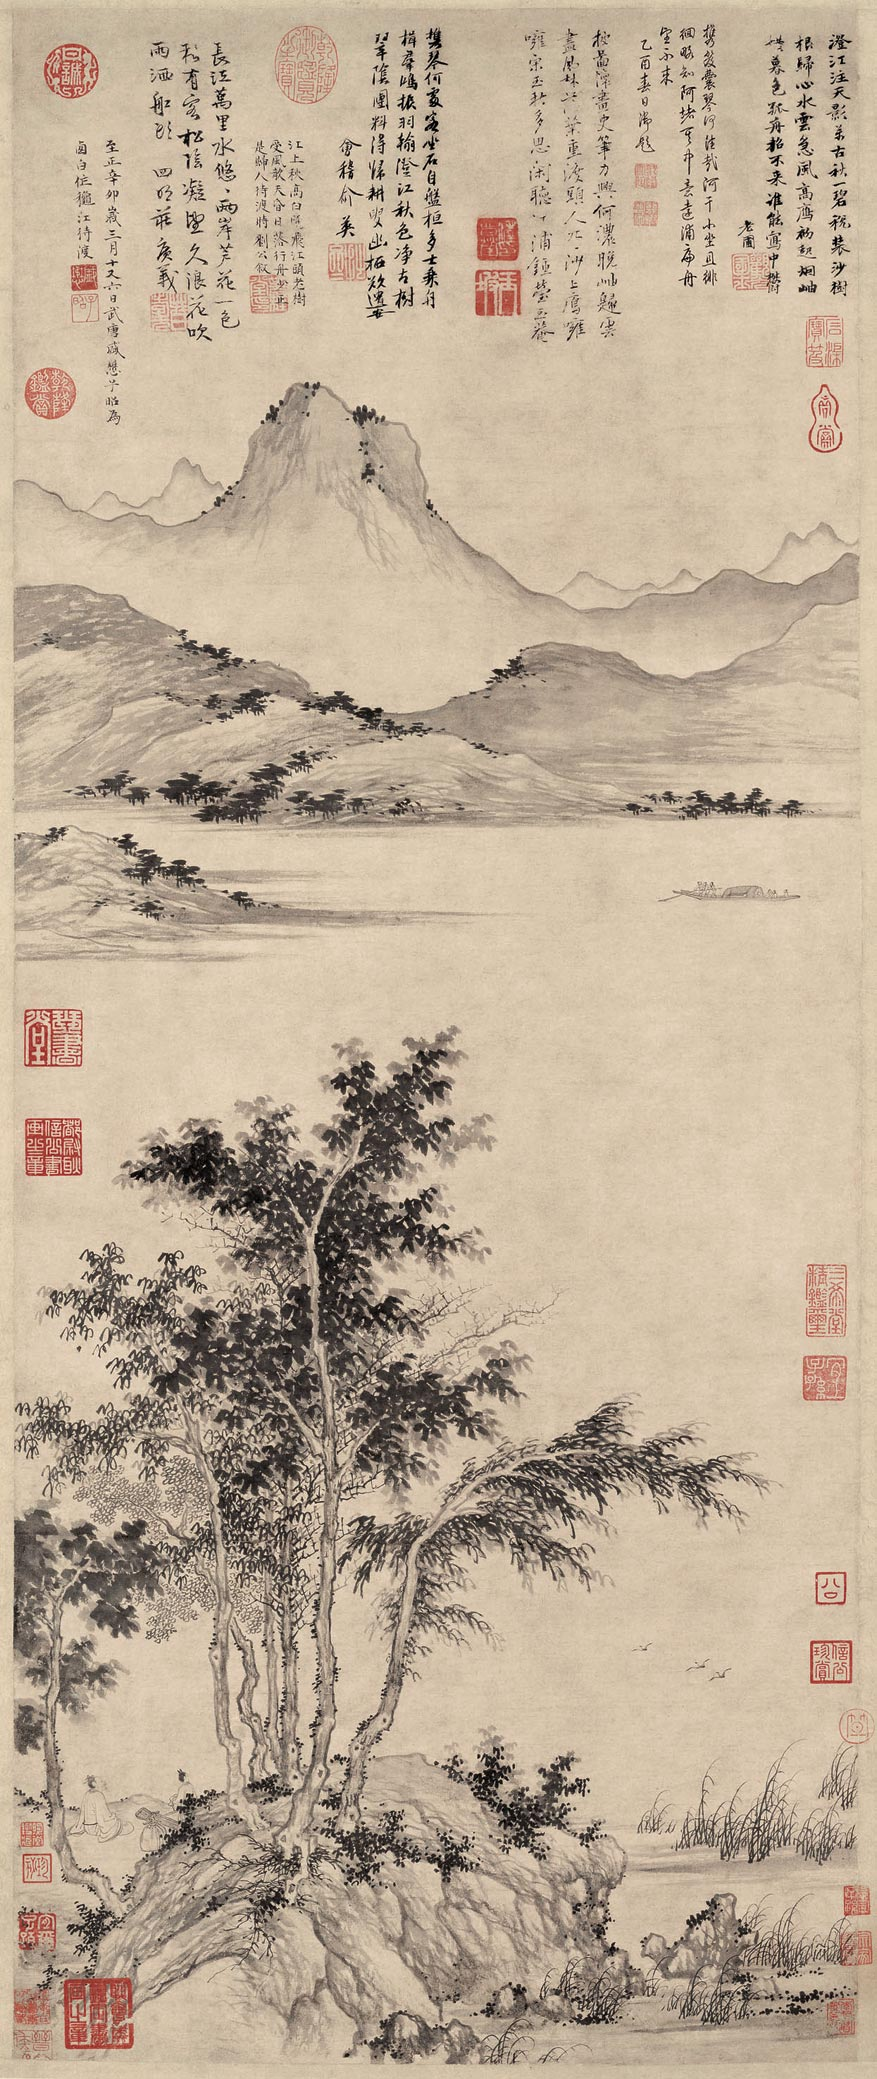 Sheng Mao Chinese Landscape Art China